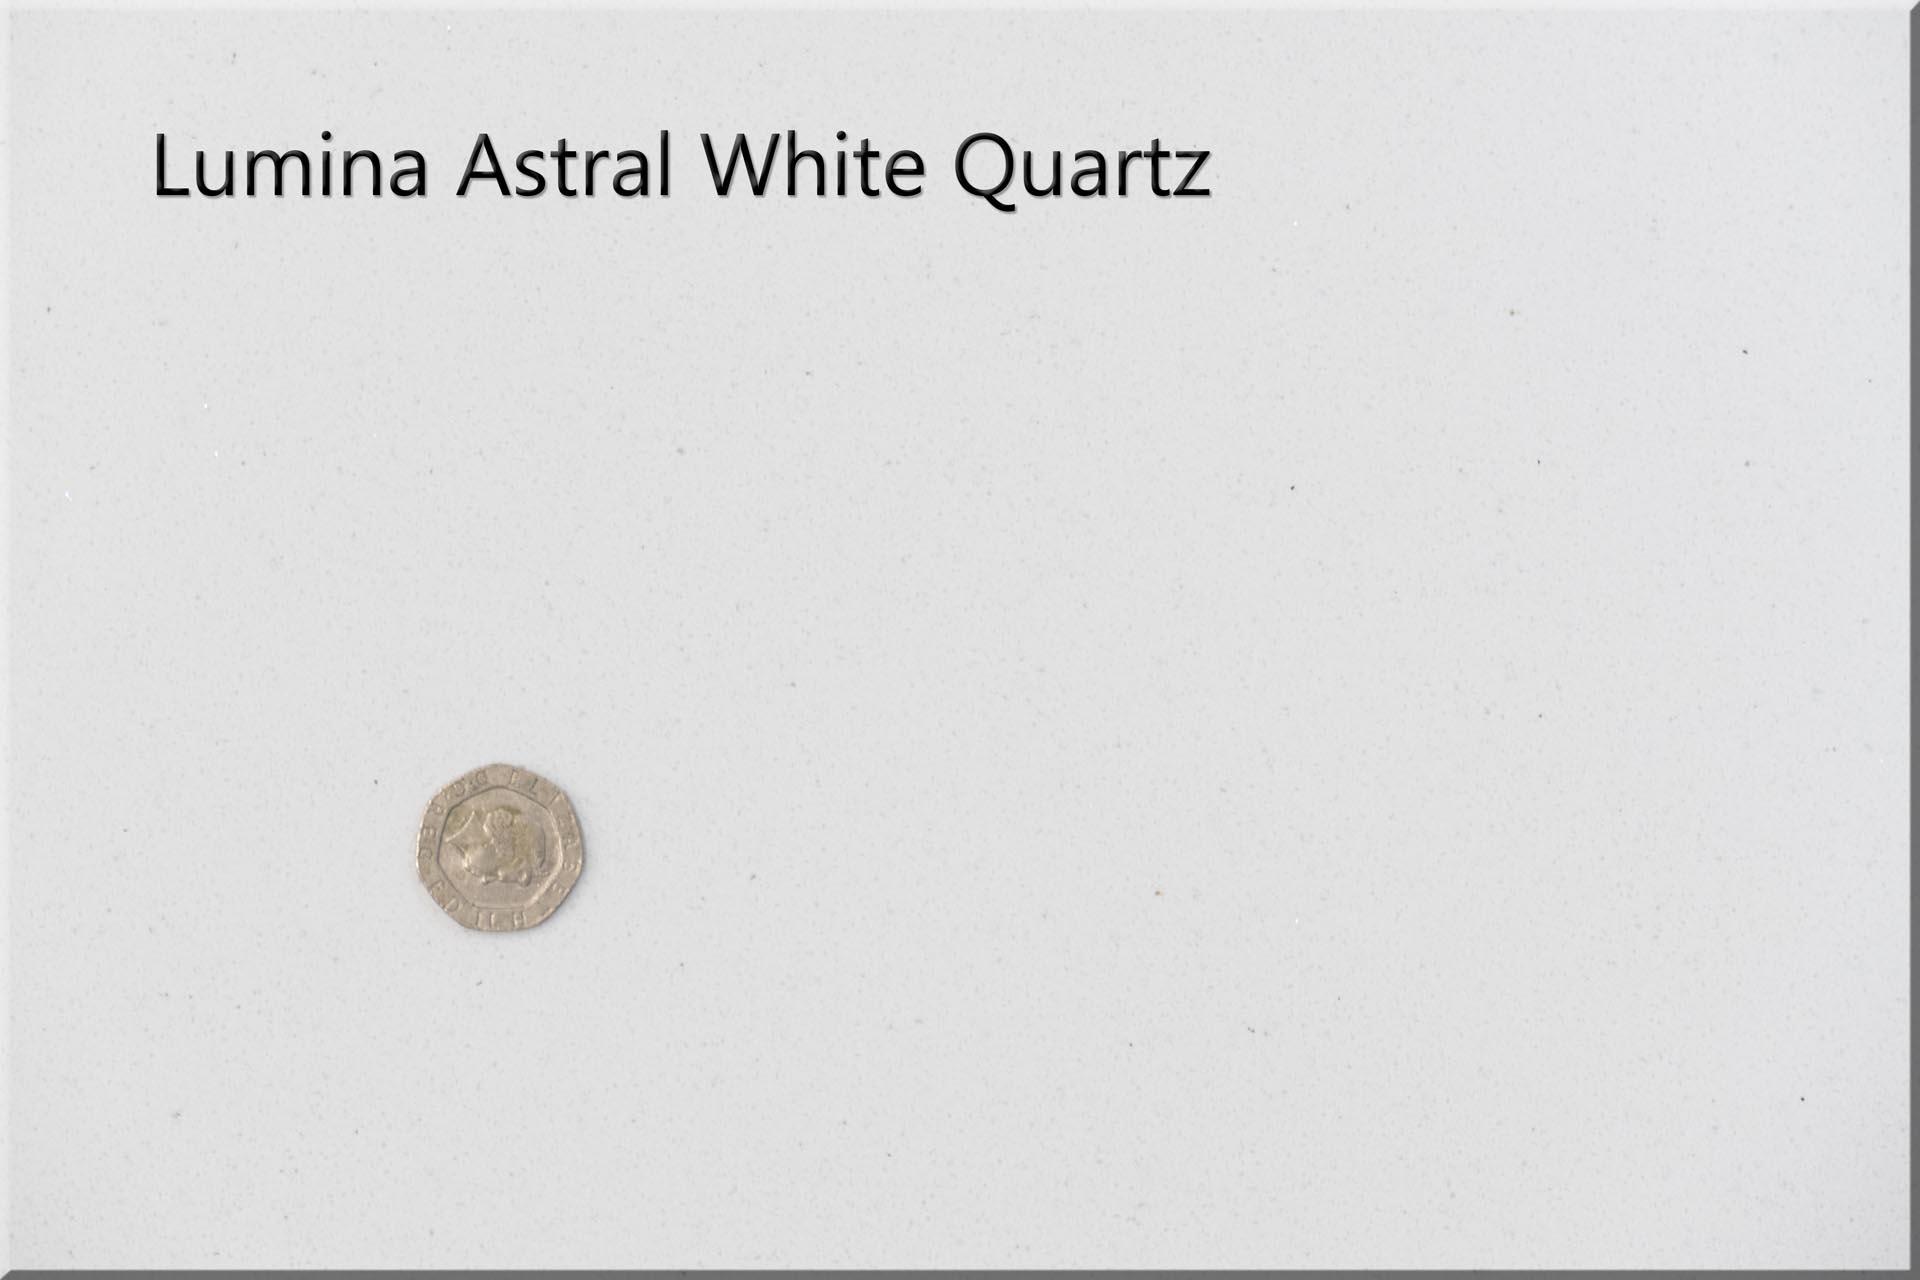 Lumina Astral White Quartz 161840 a red